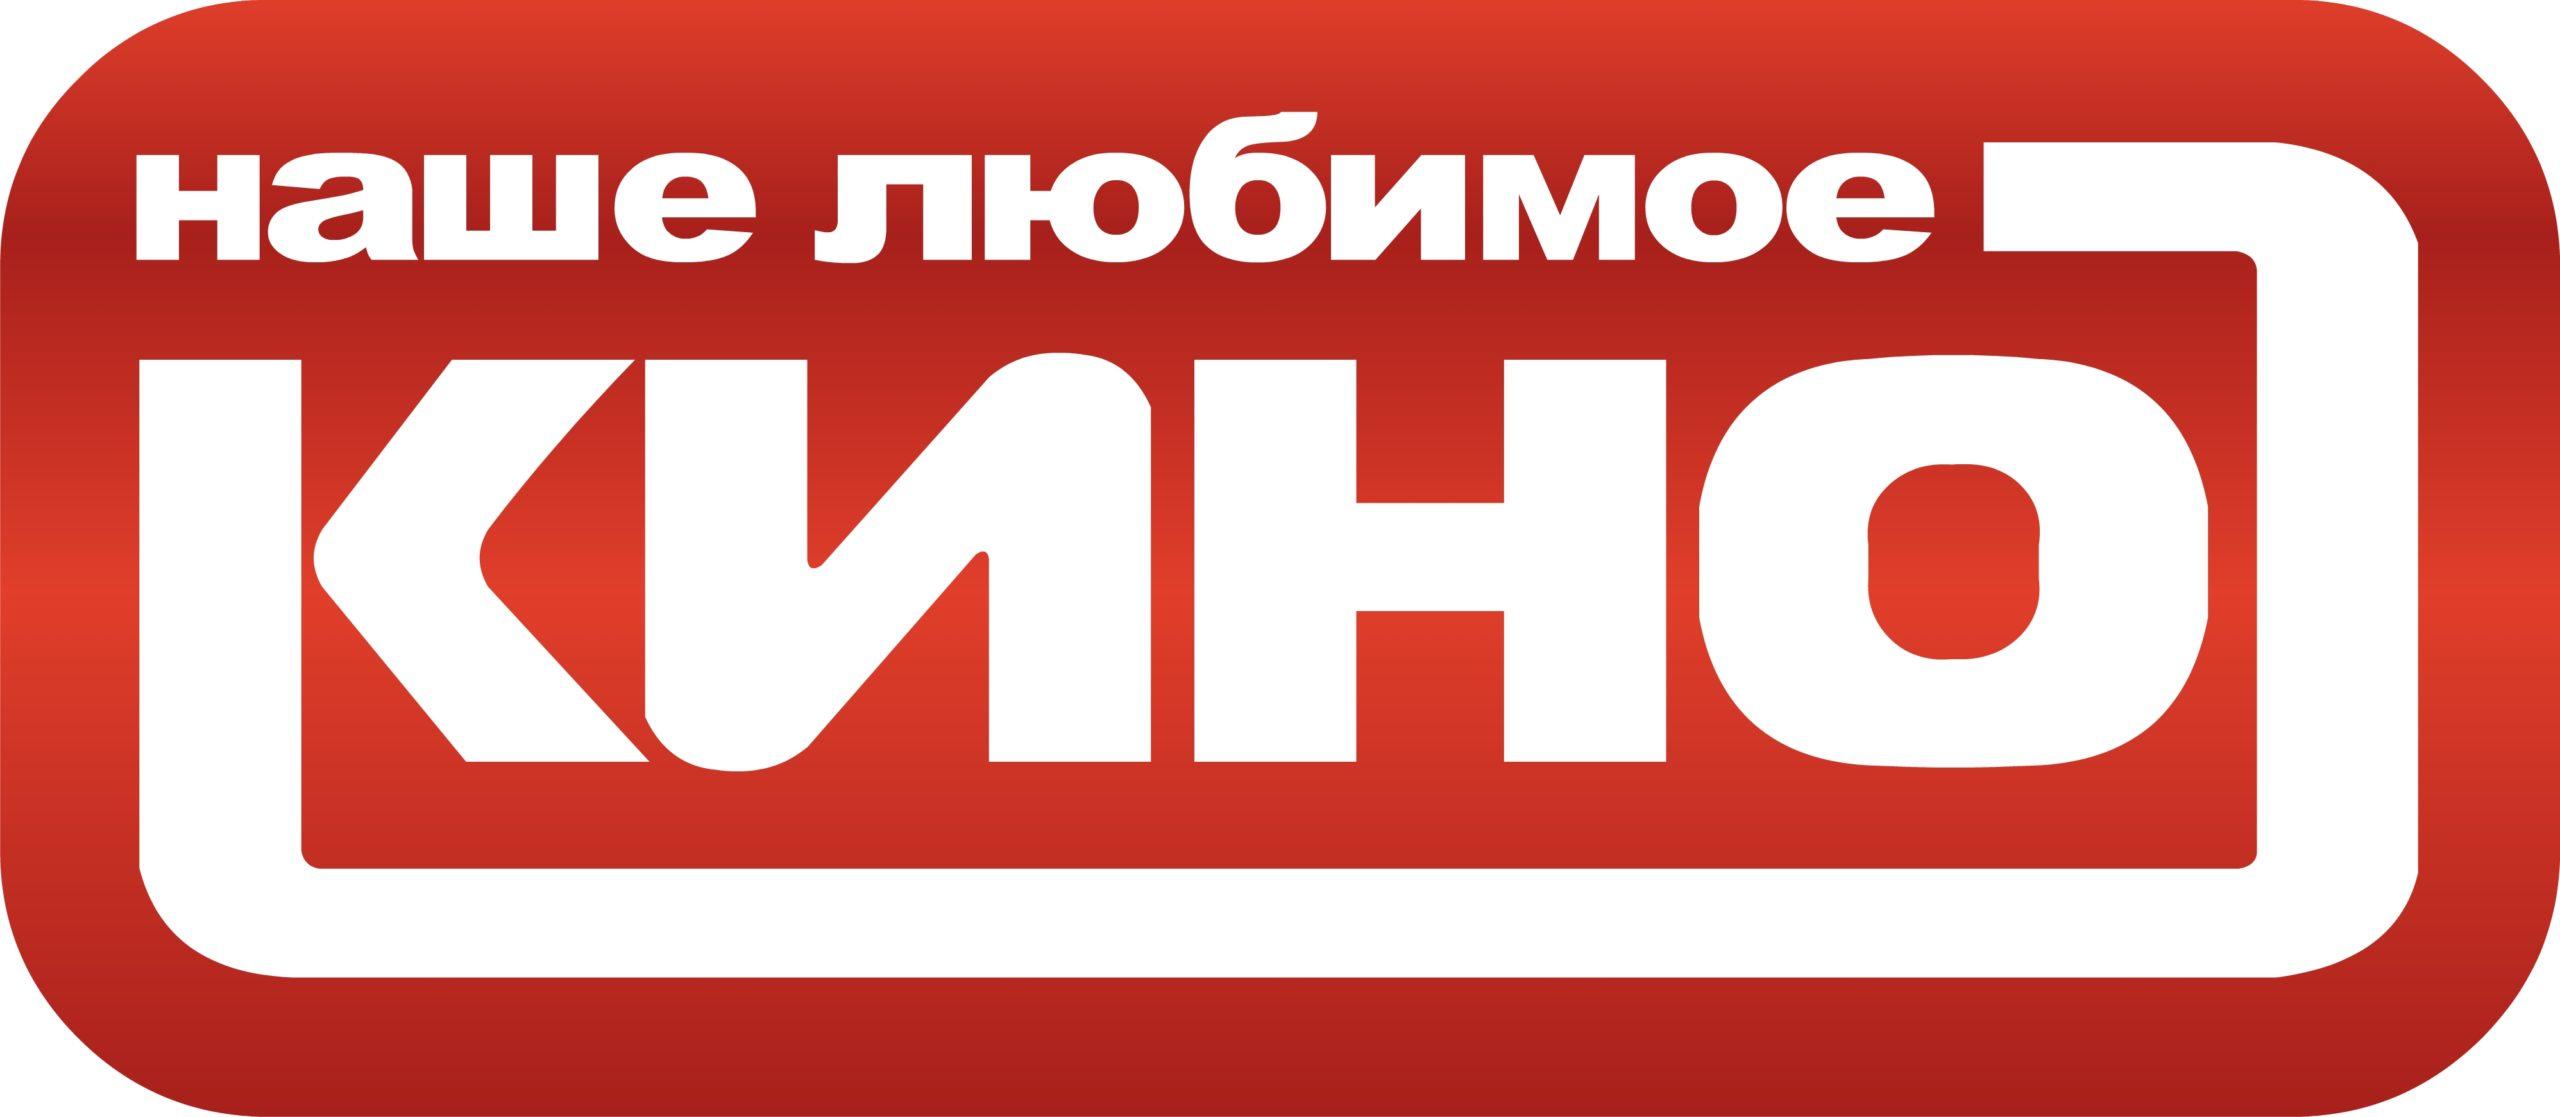 russische tv sender im kabelfernsehen und iptv der kabel blog. Black Bedroom Furniture Sets. Home Design Ideas